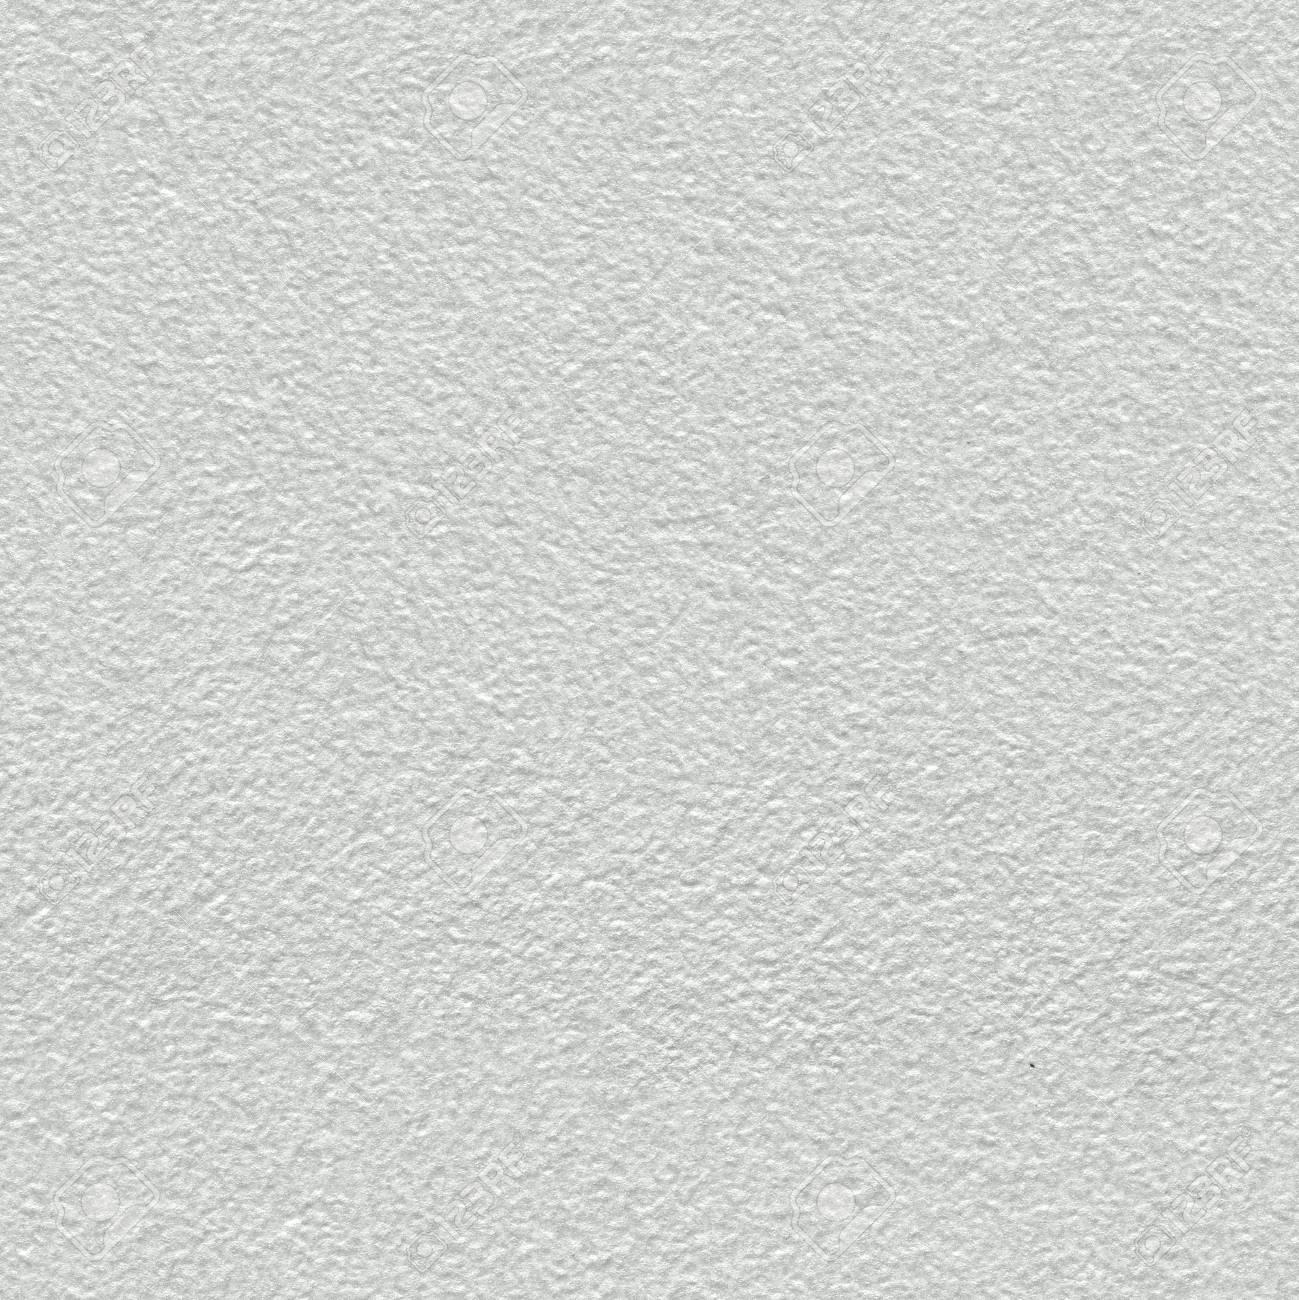 Immagini Stock Sfondo Bianco Carta Fatta A Mano Struttura